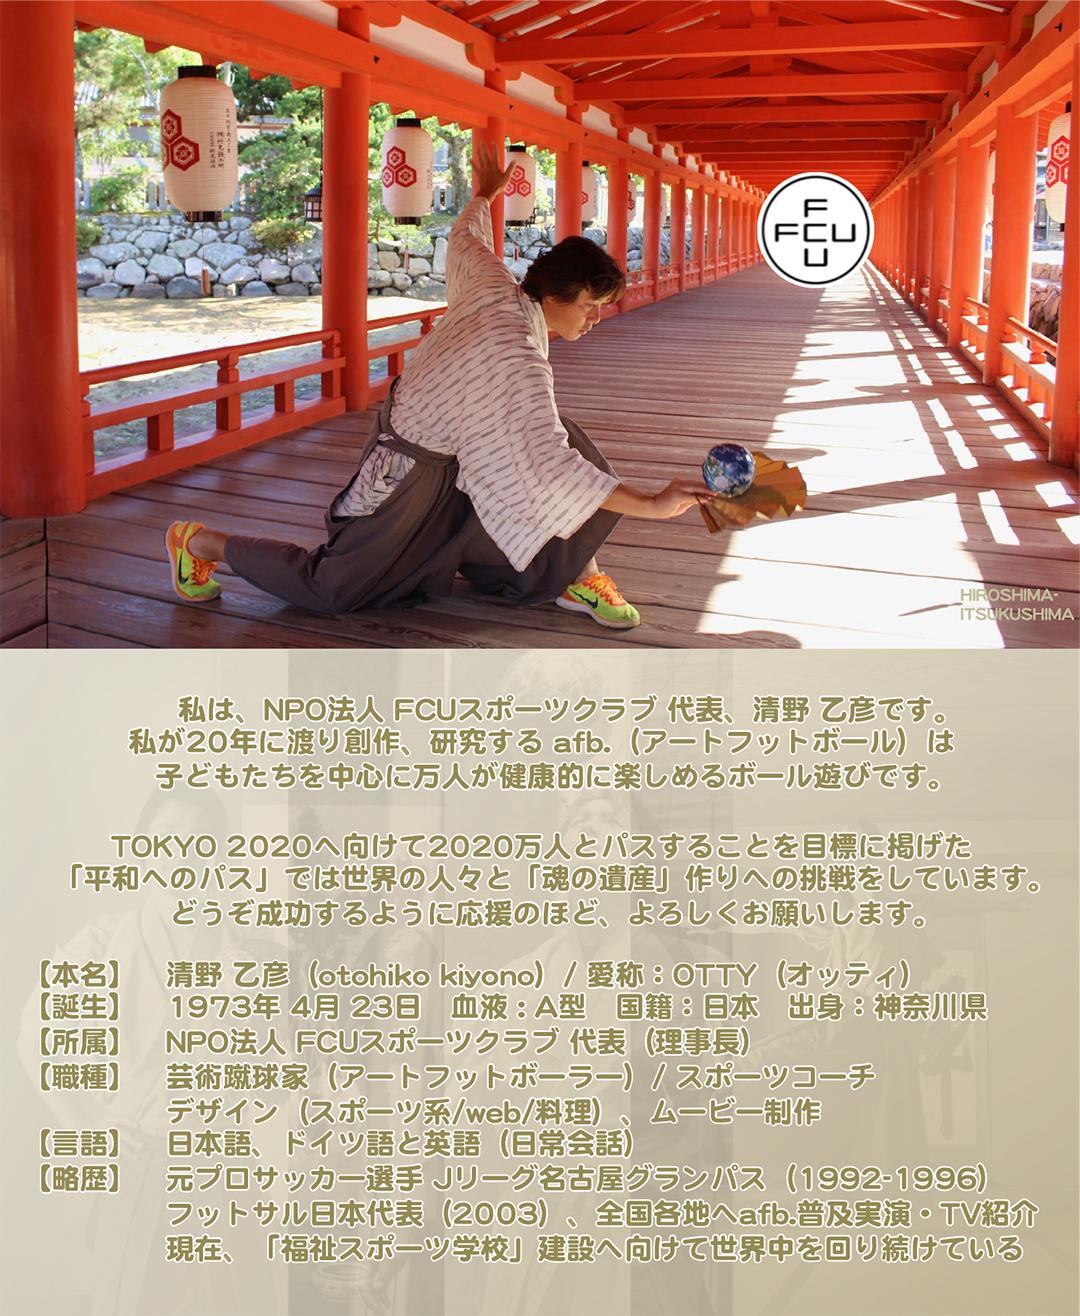 私は、NPO法人 FCUスポーツクラブ 代表、清野 乙彦です。私が20年に渡り創作、研究する afb.(アートフットボール)は子どもたちを中心に万人が健康的に楽しめるボール遊びです。